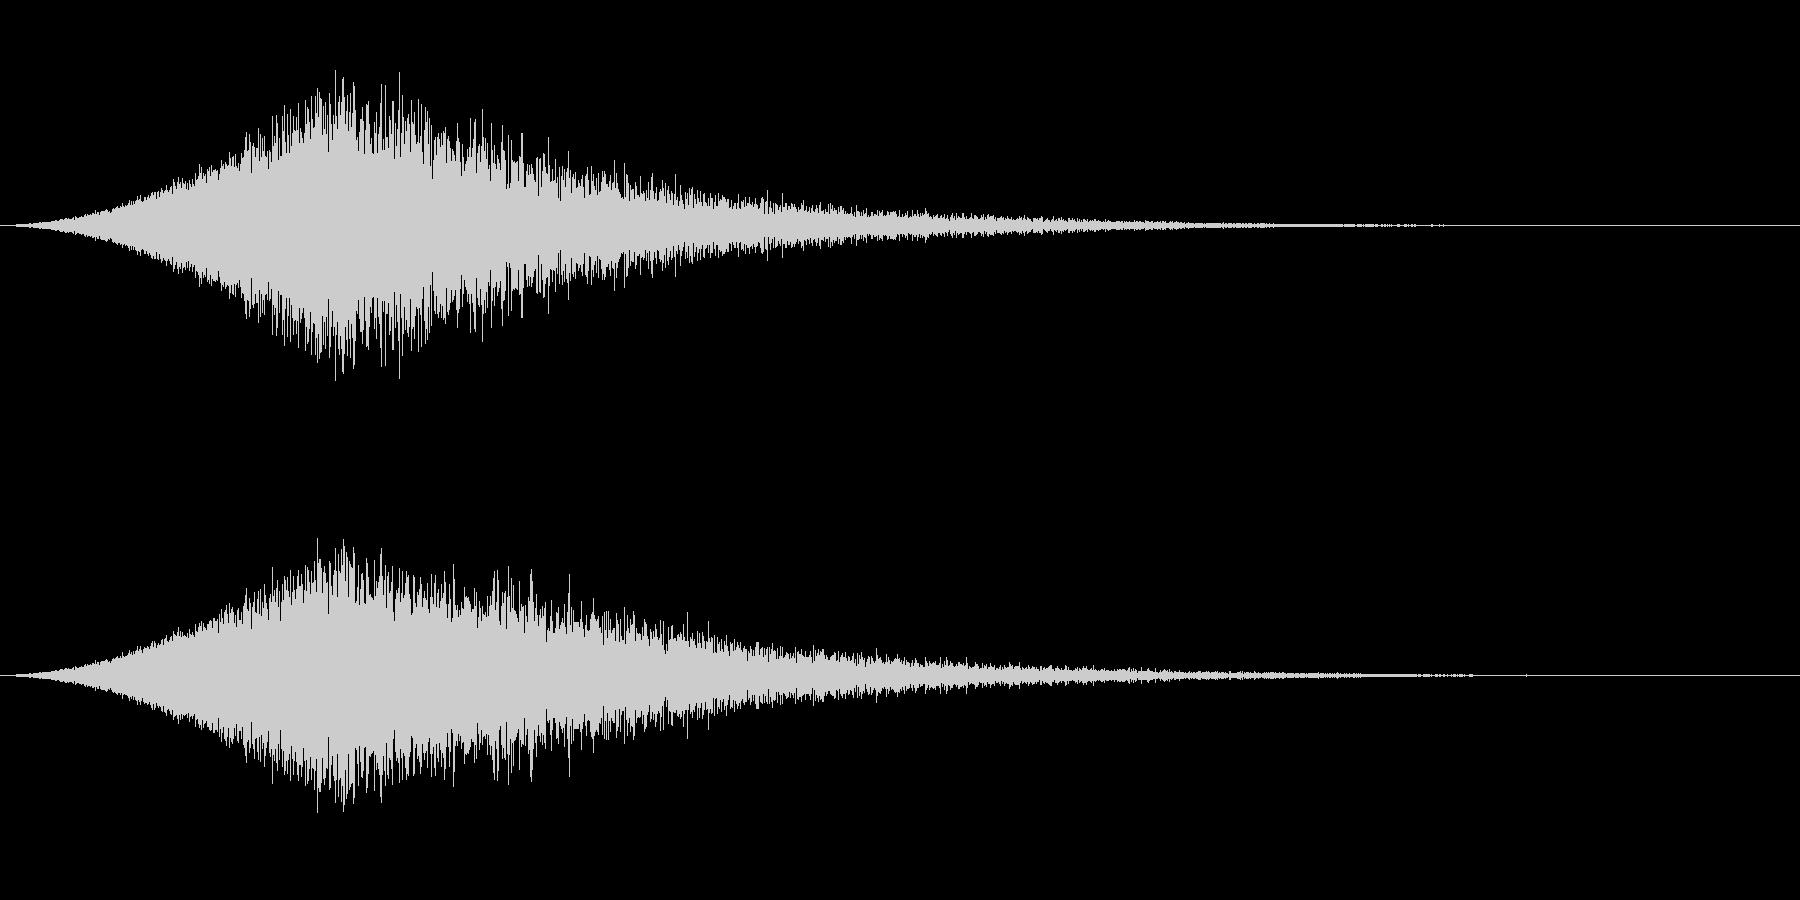 敵が消滅する音 シュワーンの未再生の波形